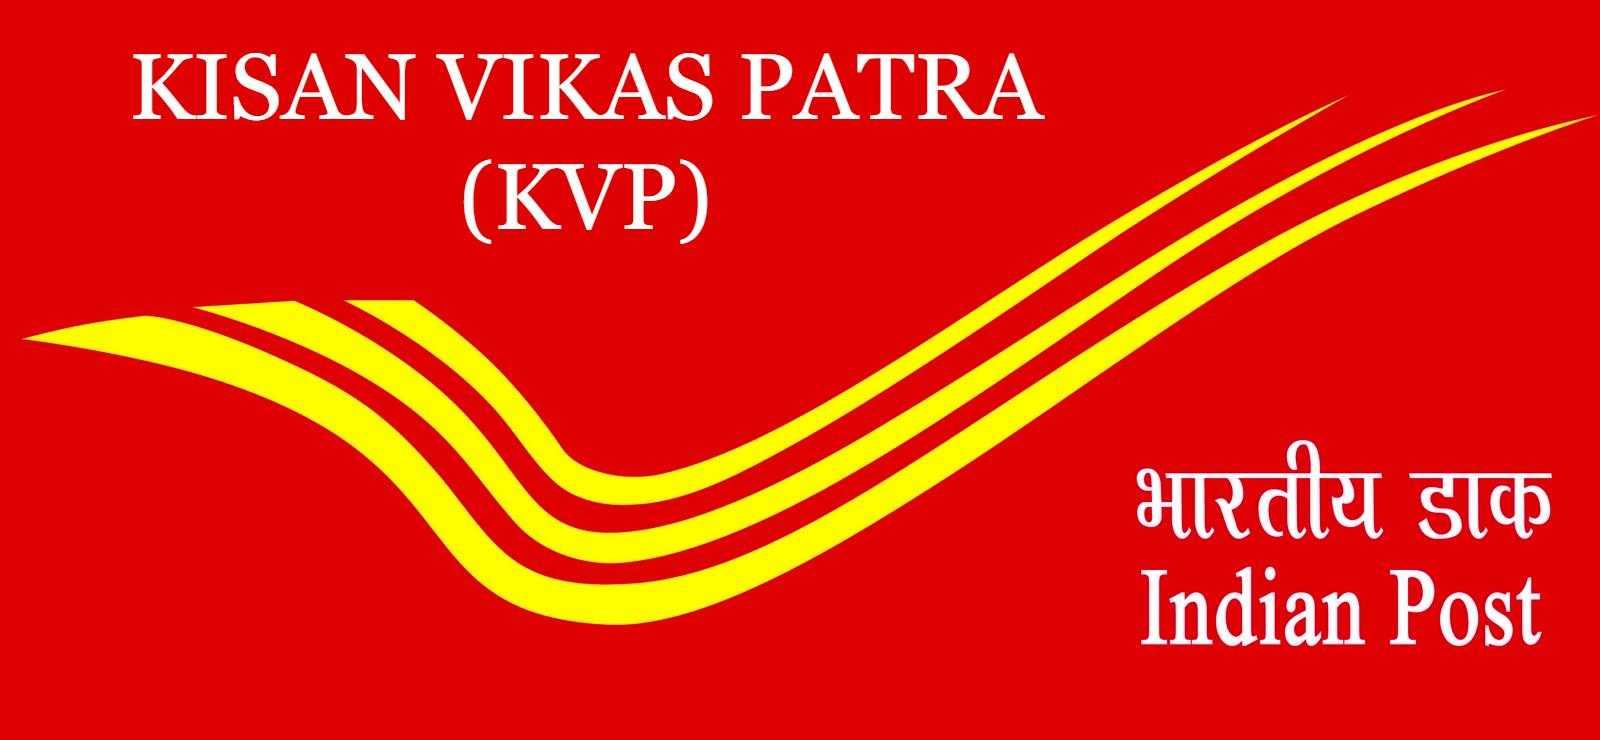 किसान विकास पत्र (KVP) - पात्रता, सुविधाएँ, ब्याज दरें और नामांकन की सुविधा - myfirstwebs